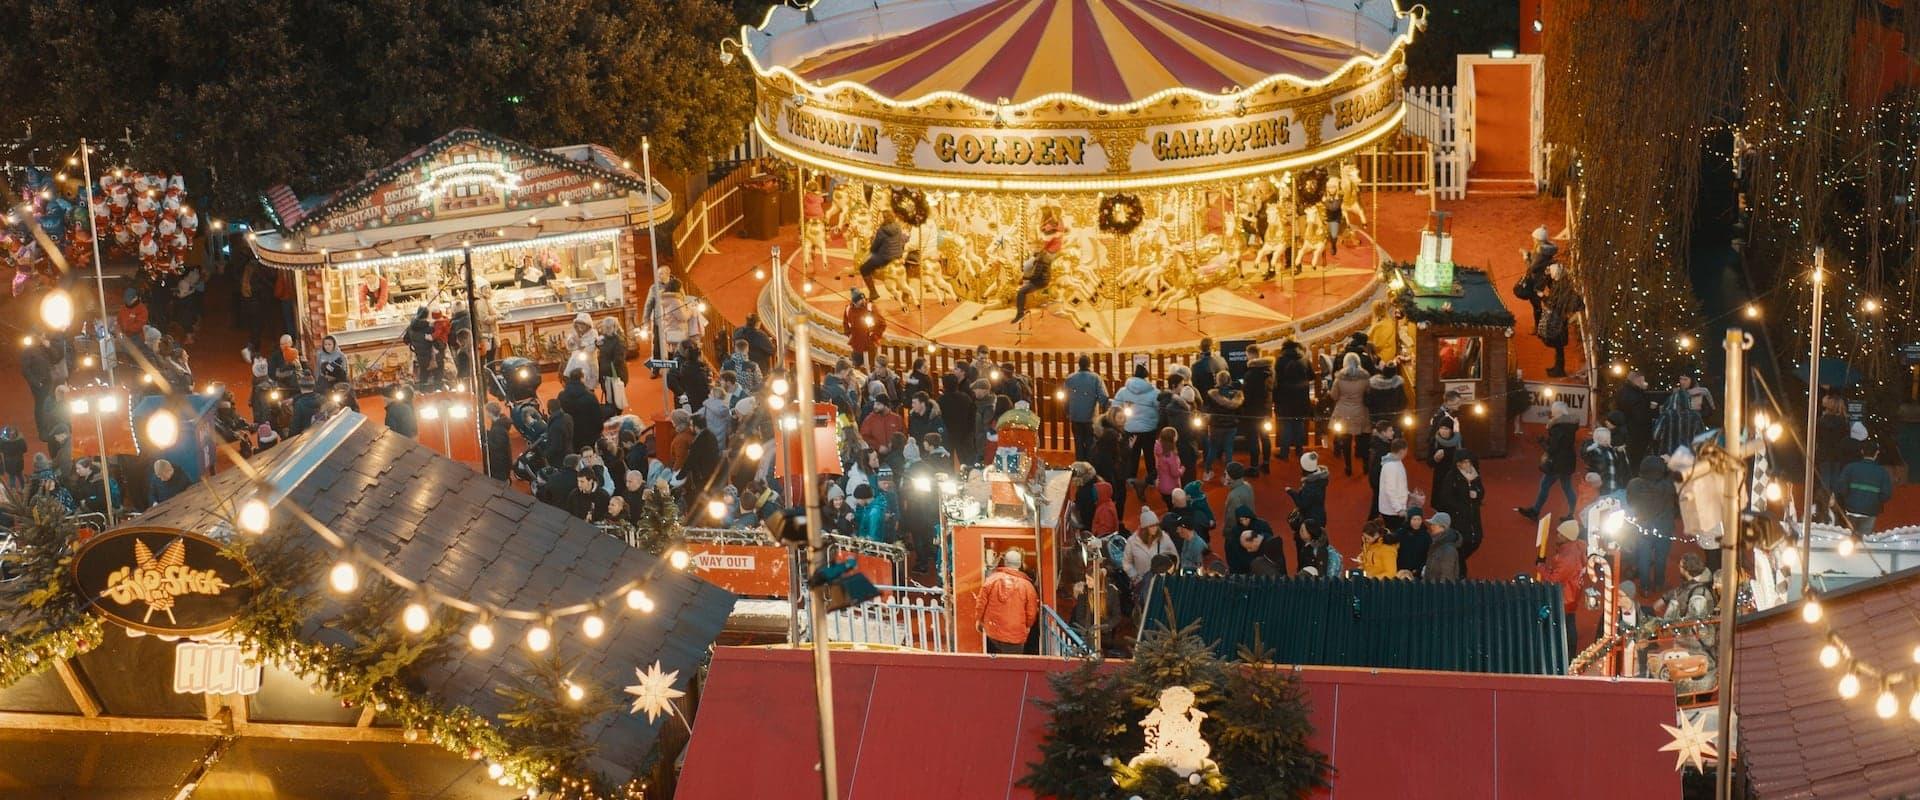 Weihnachtsmarkt mit Menschen